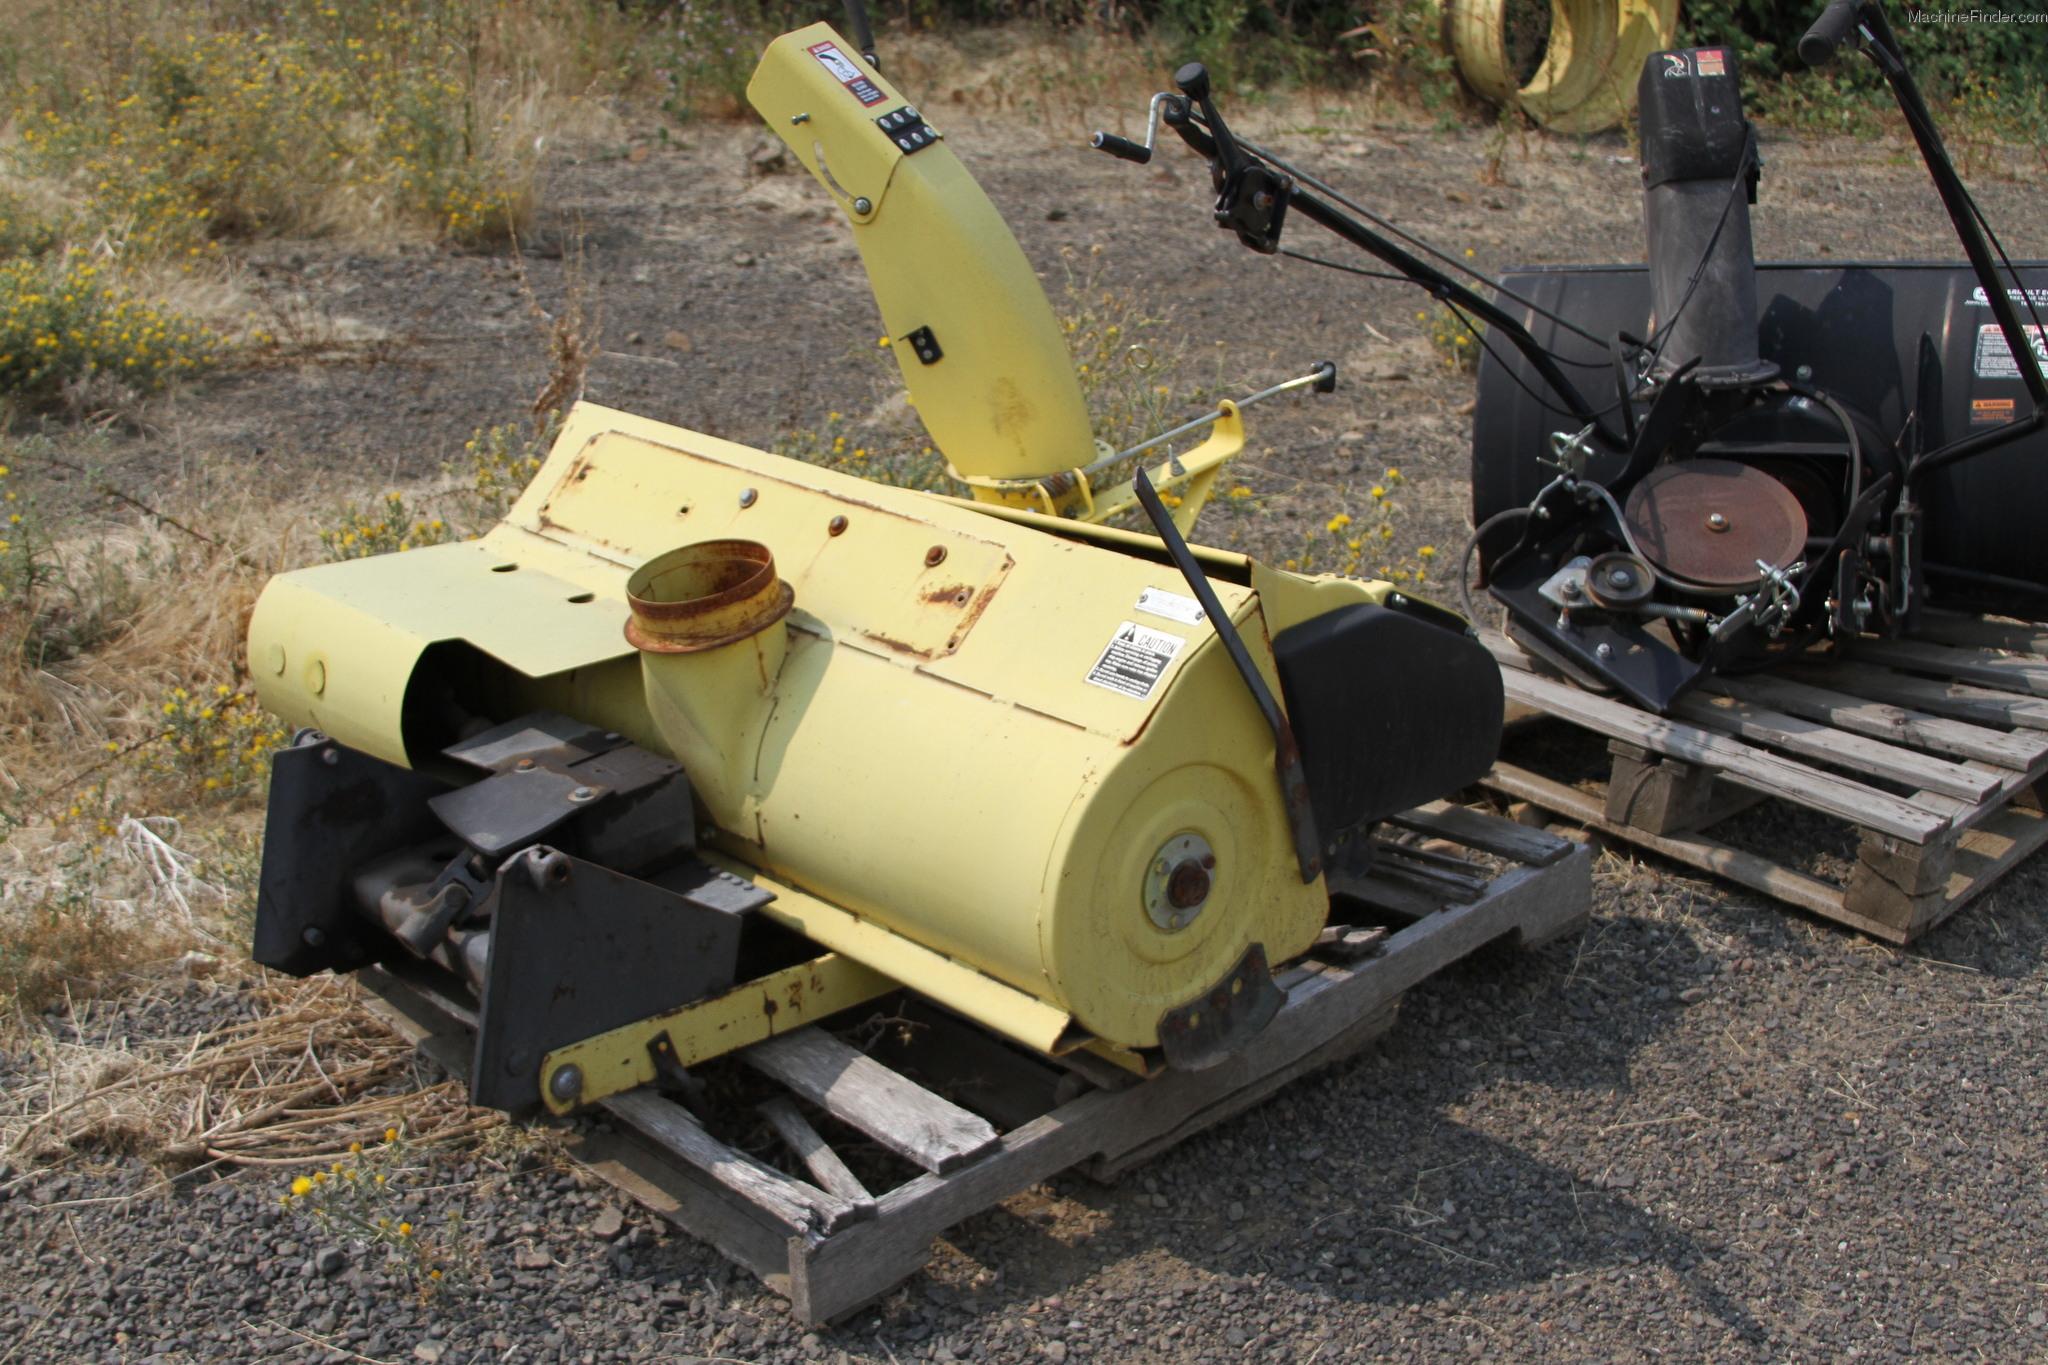 John Deere 400 Garden Tractor Attachments : John deere fits garden tractors only